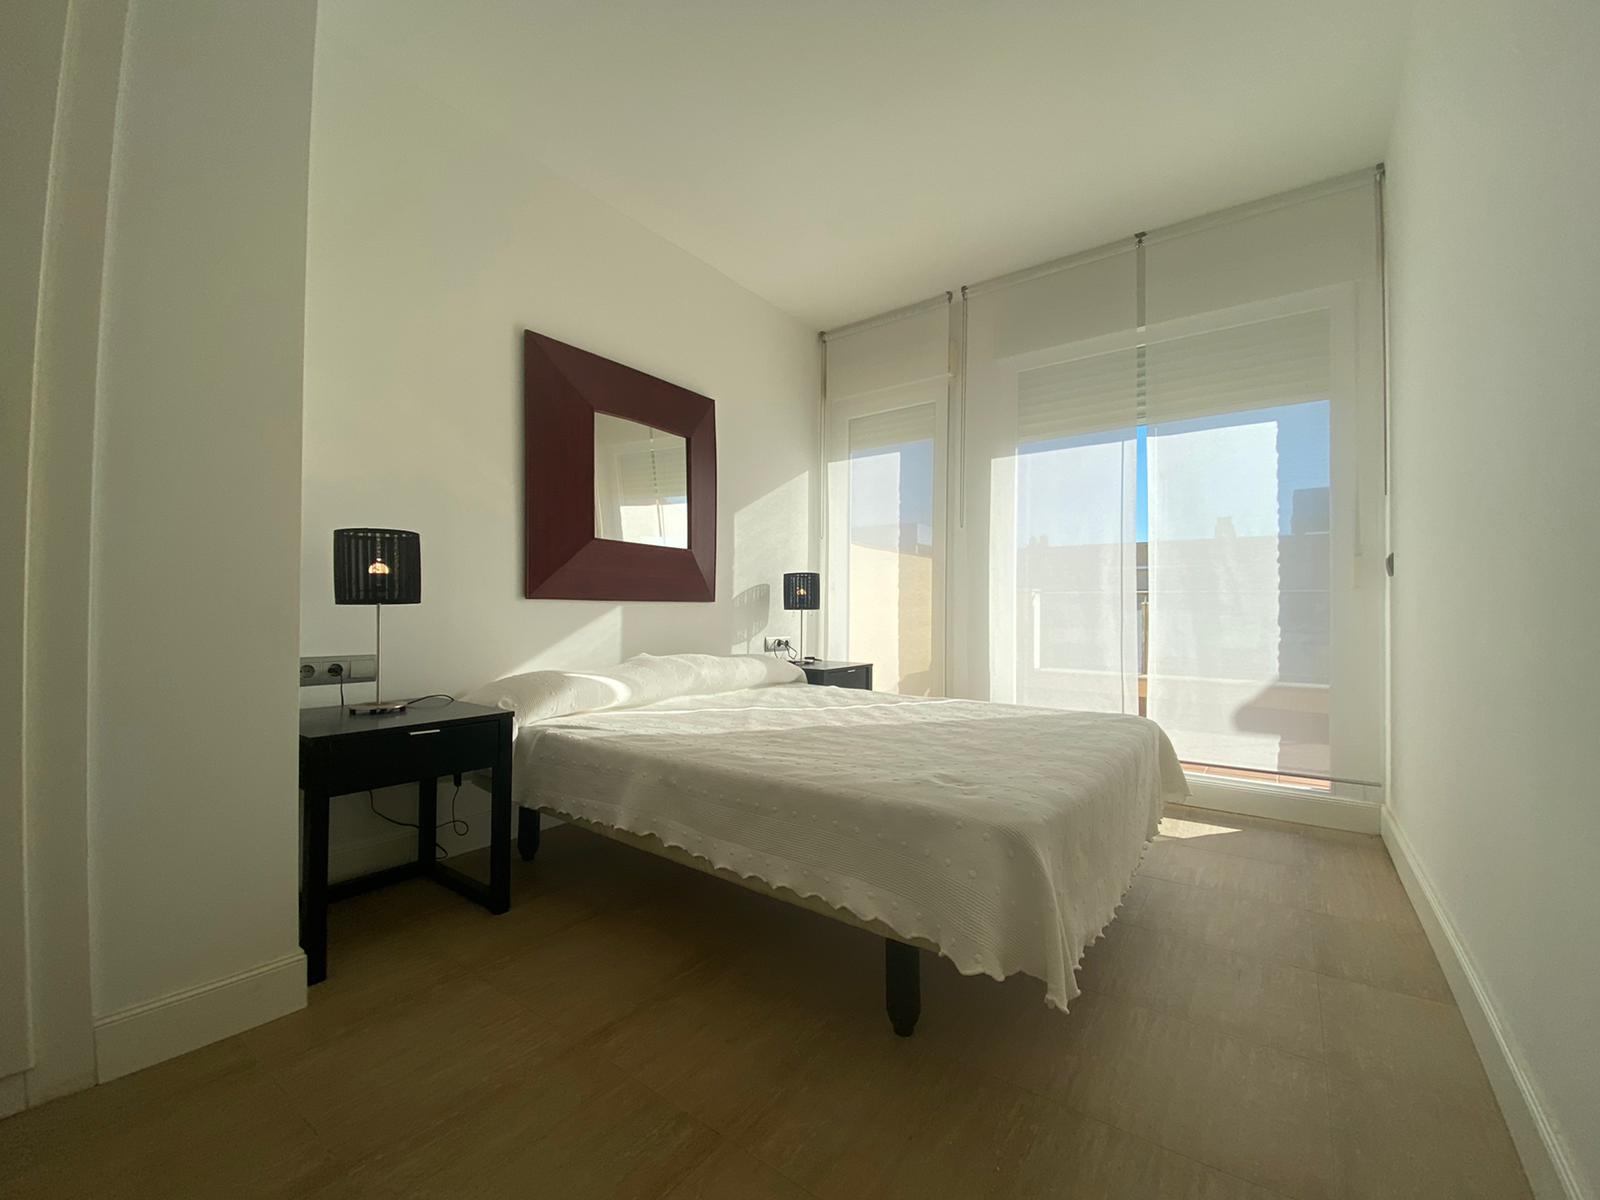 Imagen 3 del Apartamento Turístico, Ático 7 Levante (3d +2b), Punta del Moral (HUELVA), Paseo de la Cruz nº22